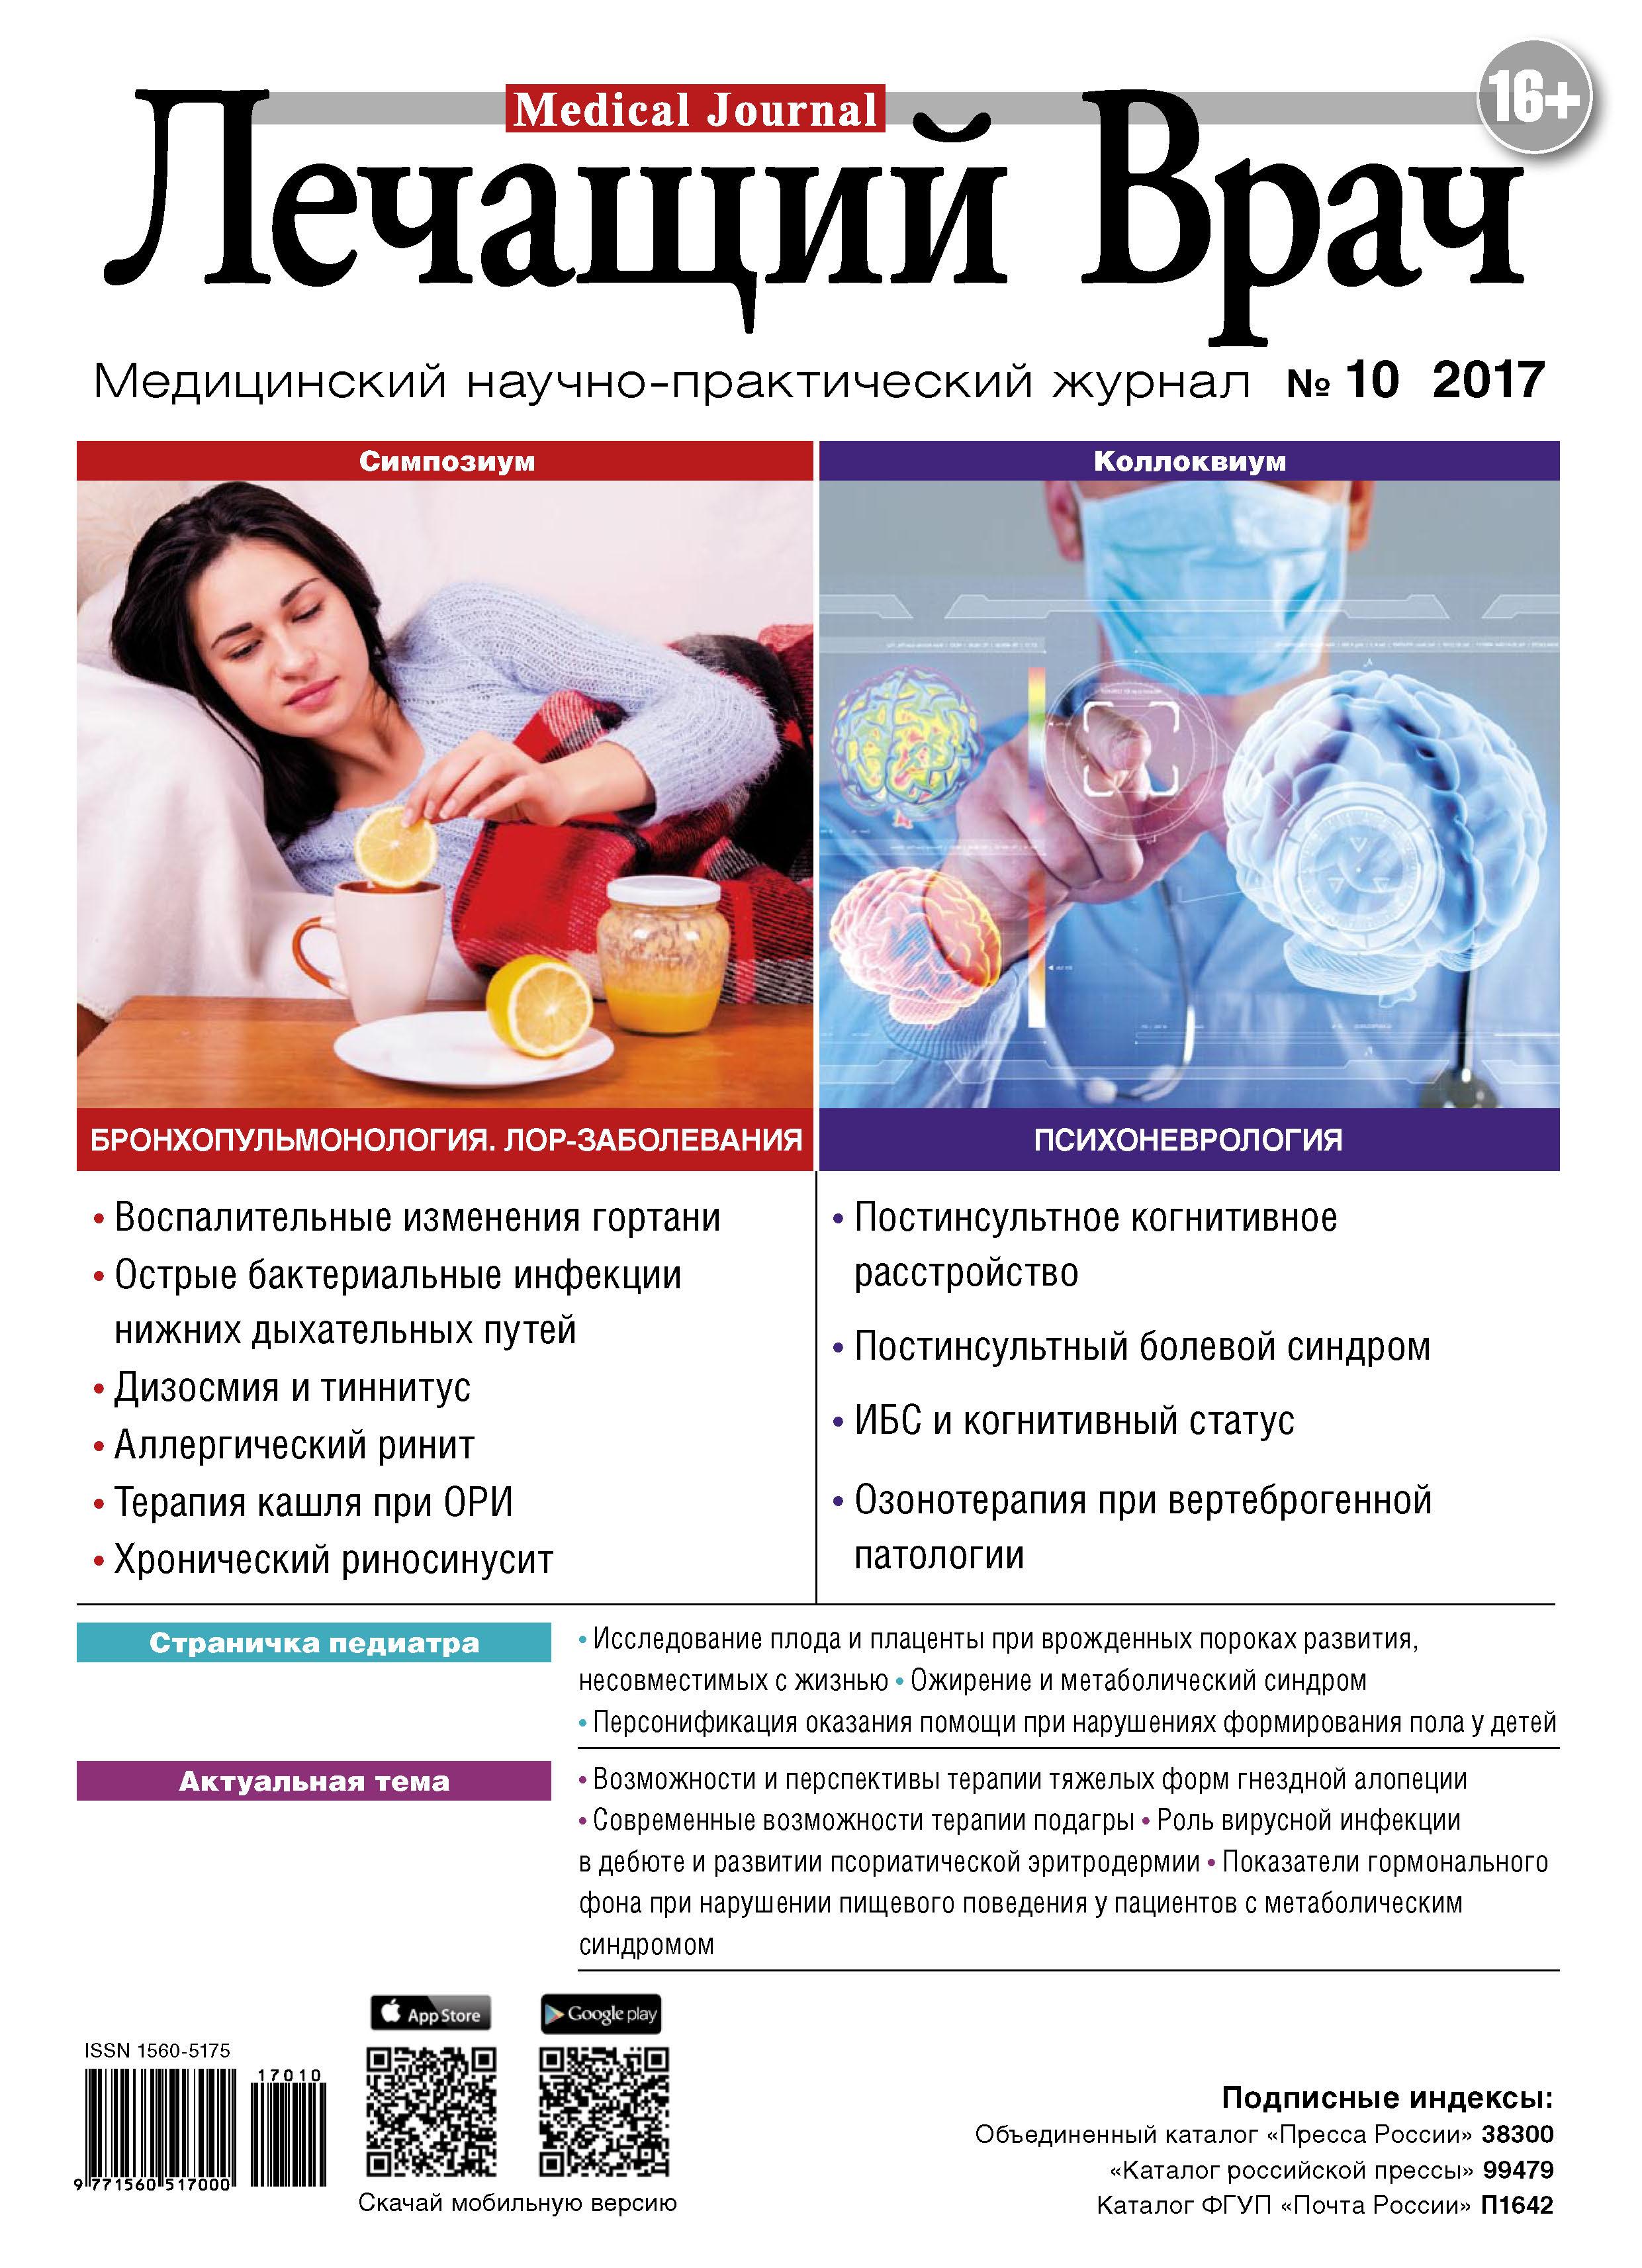 Открытые системы Журнал «Лечащий Врач» №10/2017